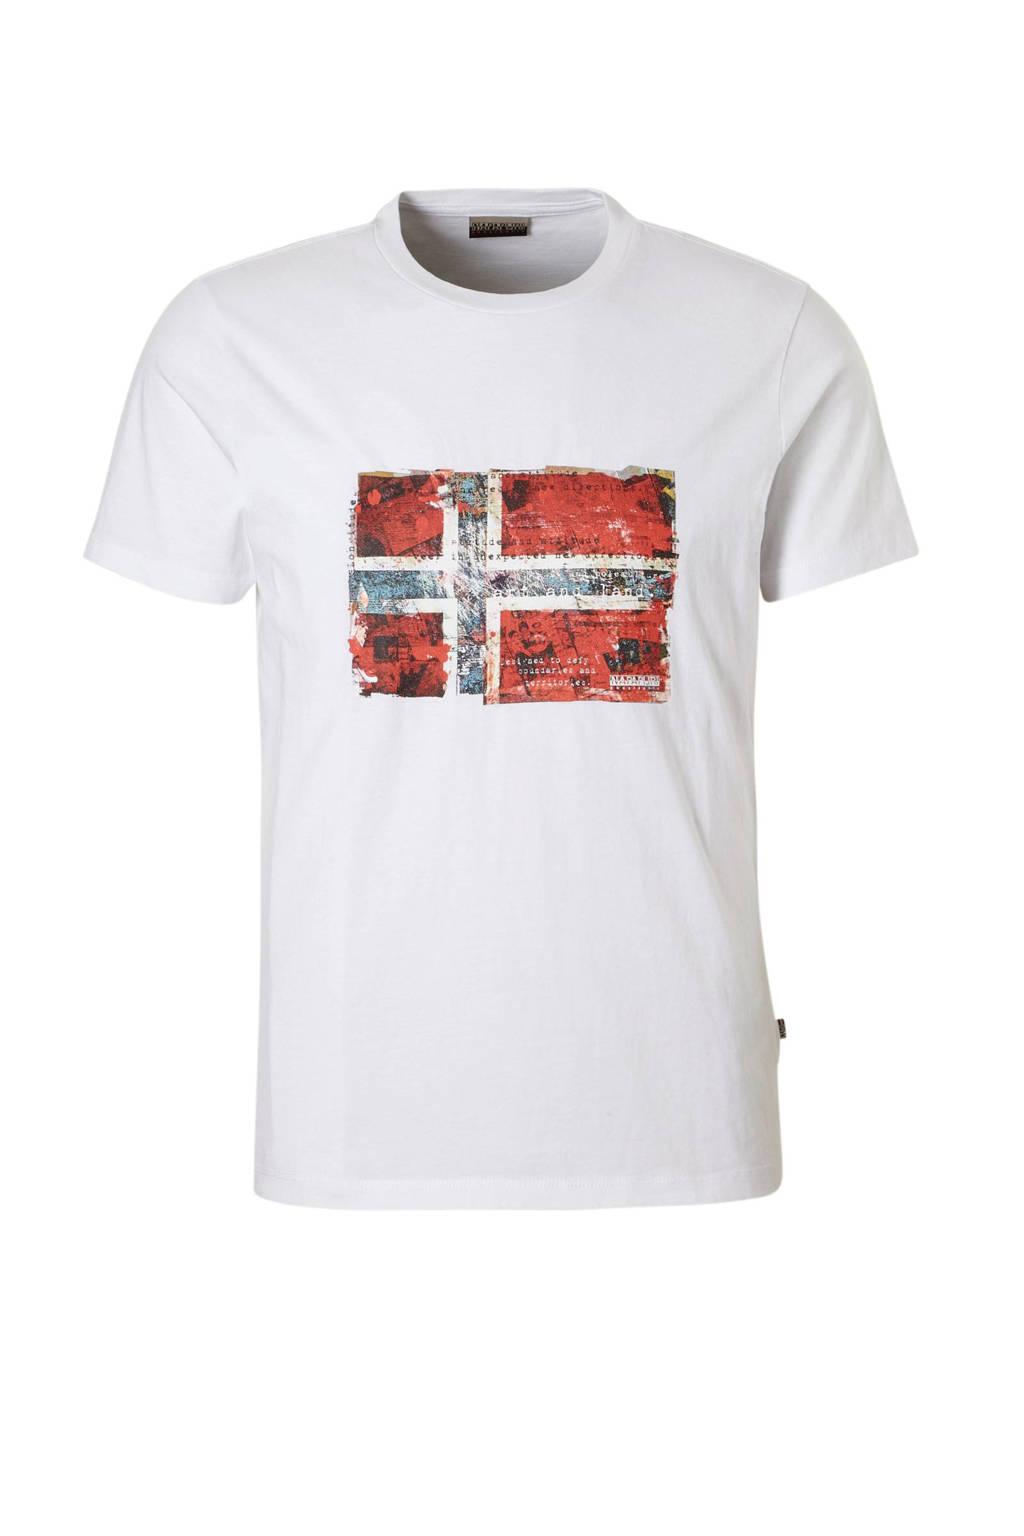 Napapijri T-shirt met printopdruk wit, Wit/ rood/ blauw